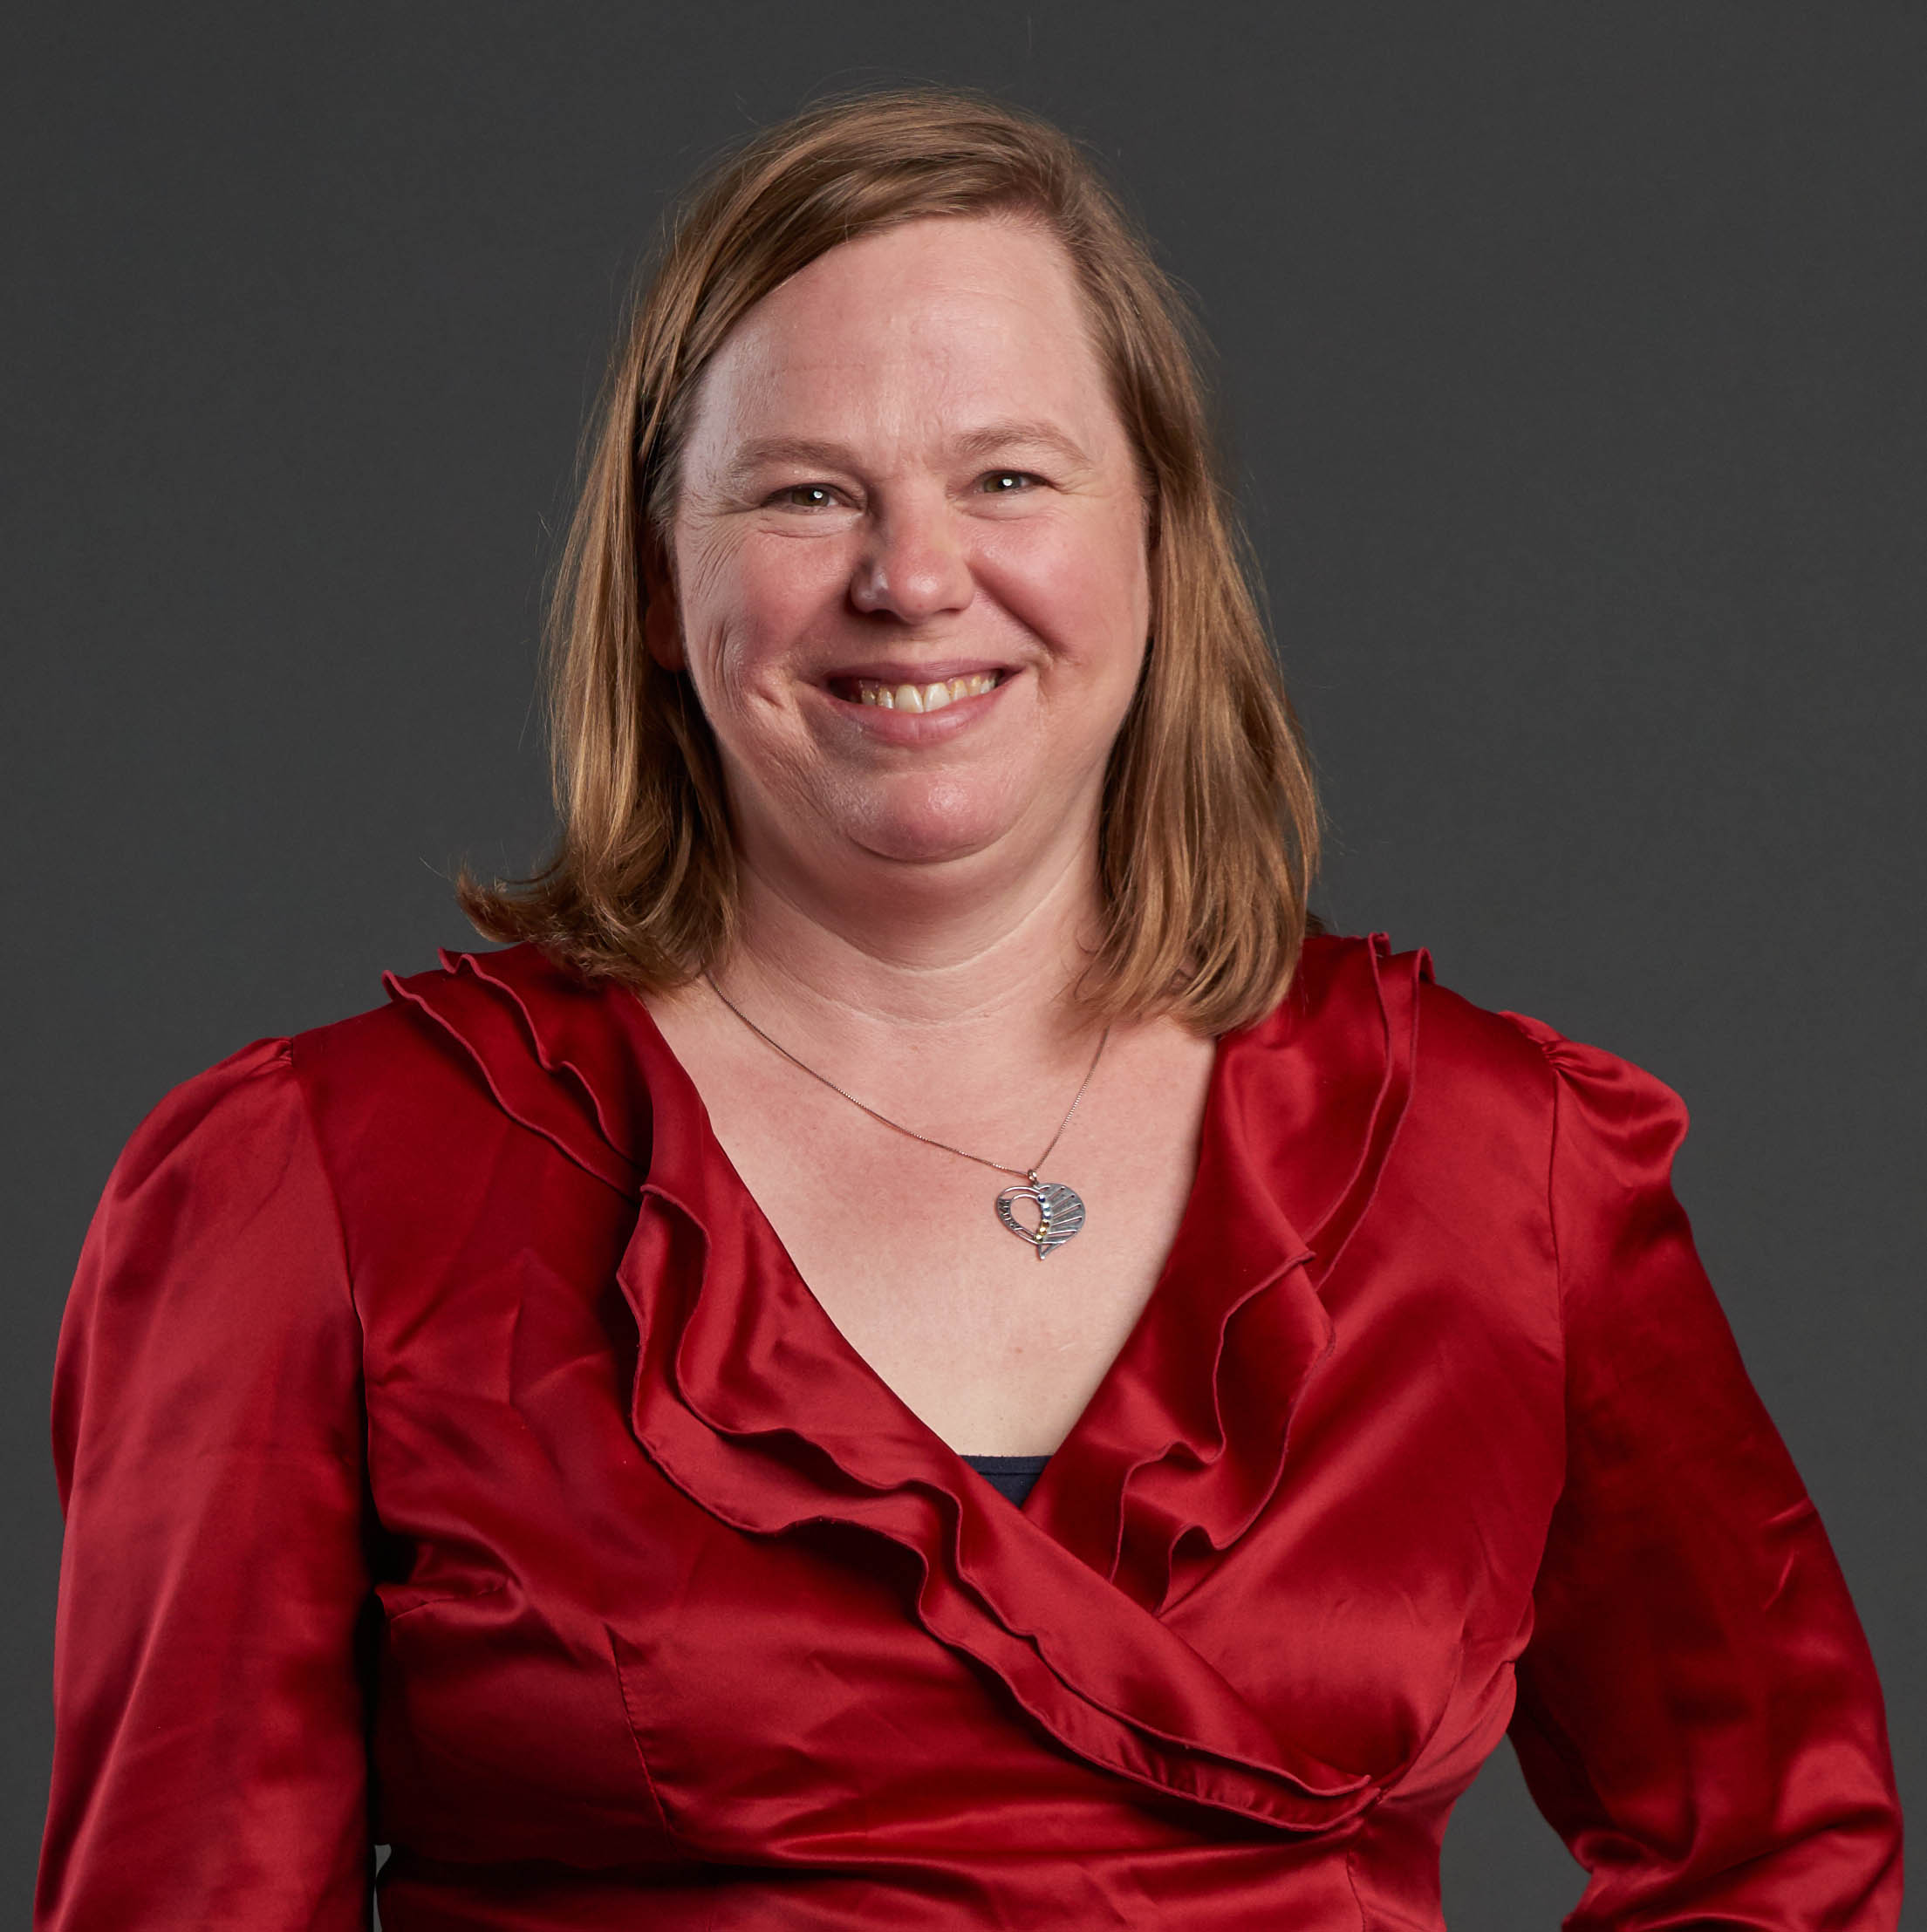 Lisa Schkerke